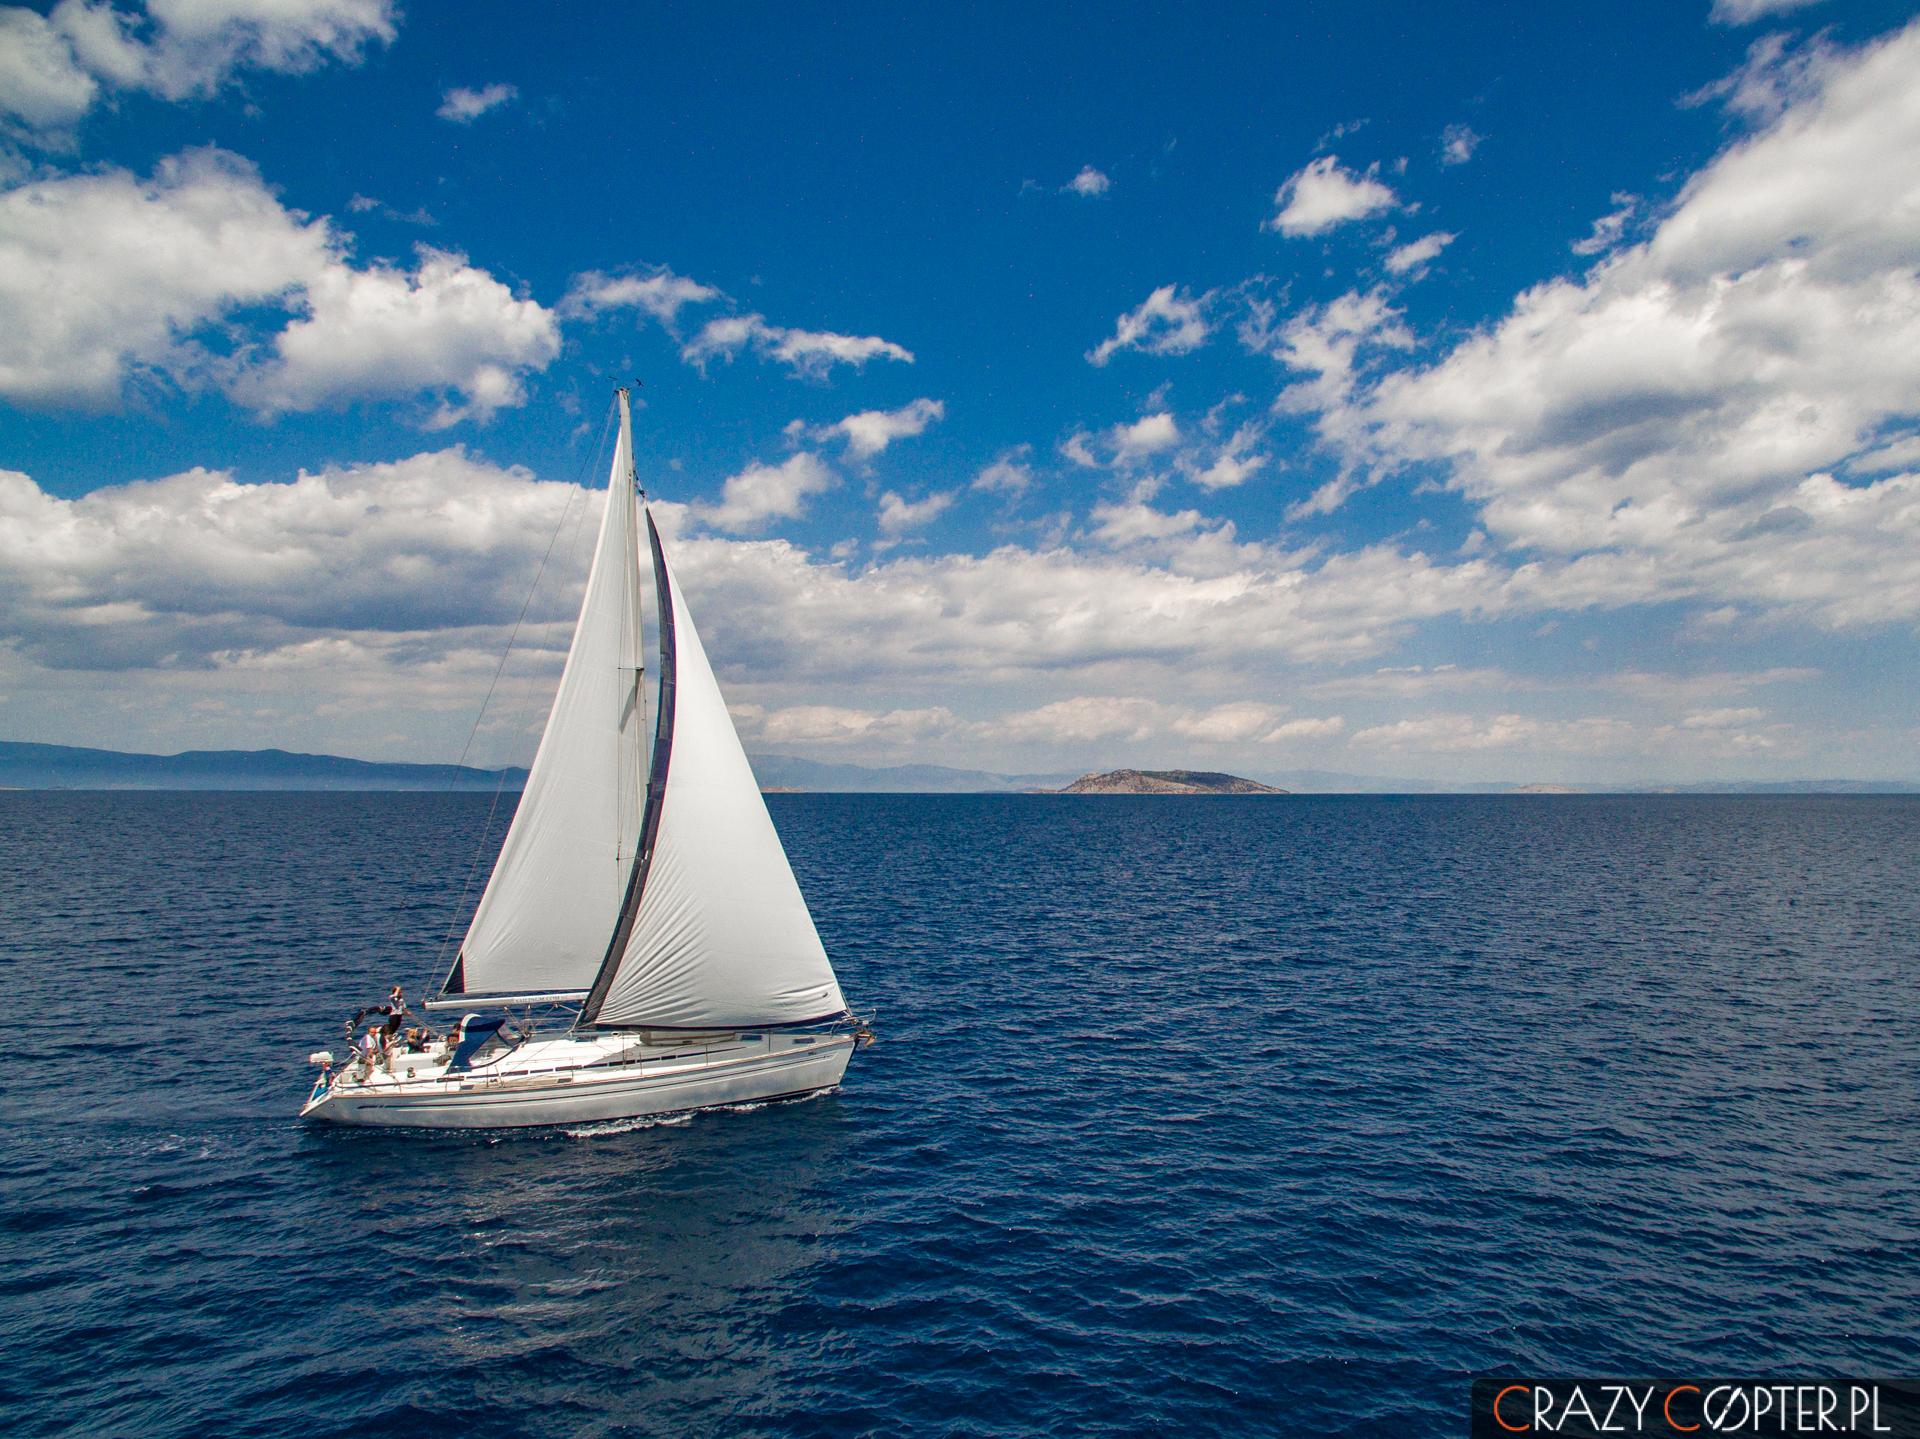 Zdjęcia z drona - jacht pod żaglami na pełnym morzu